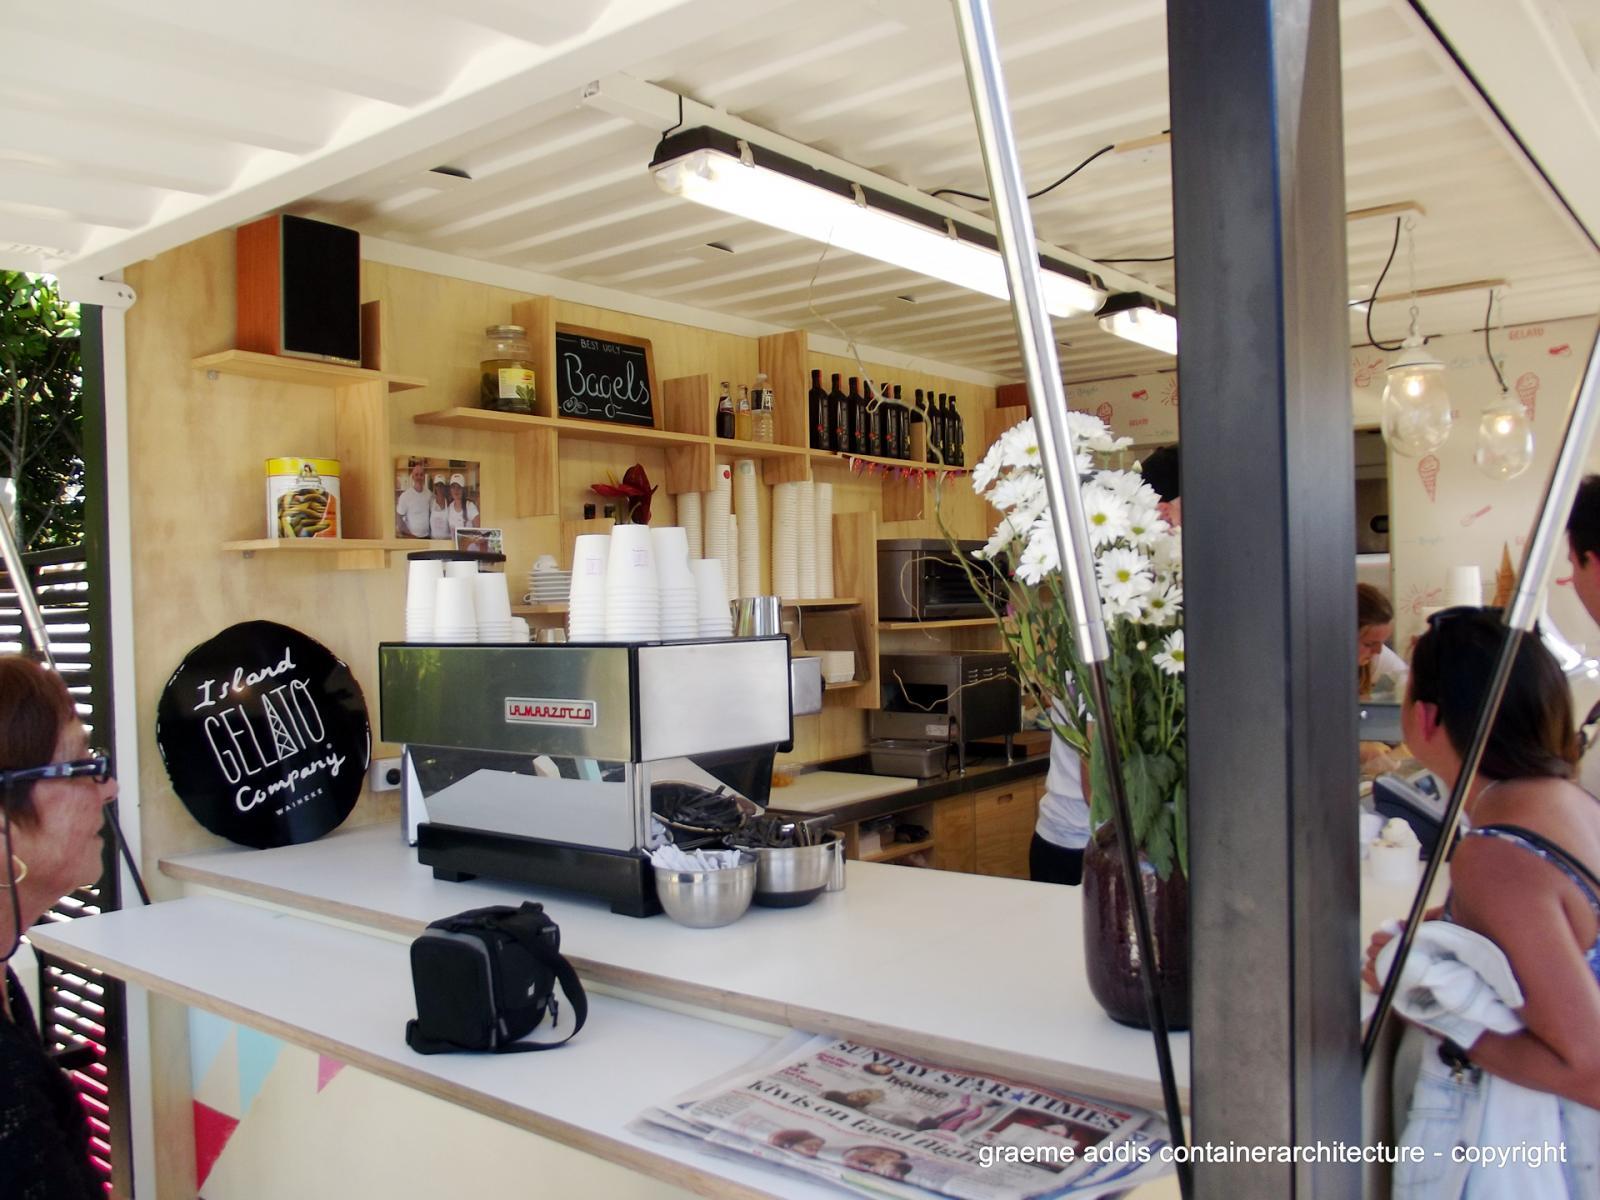 island-gelato-company-waiheke_0.jpg